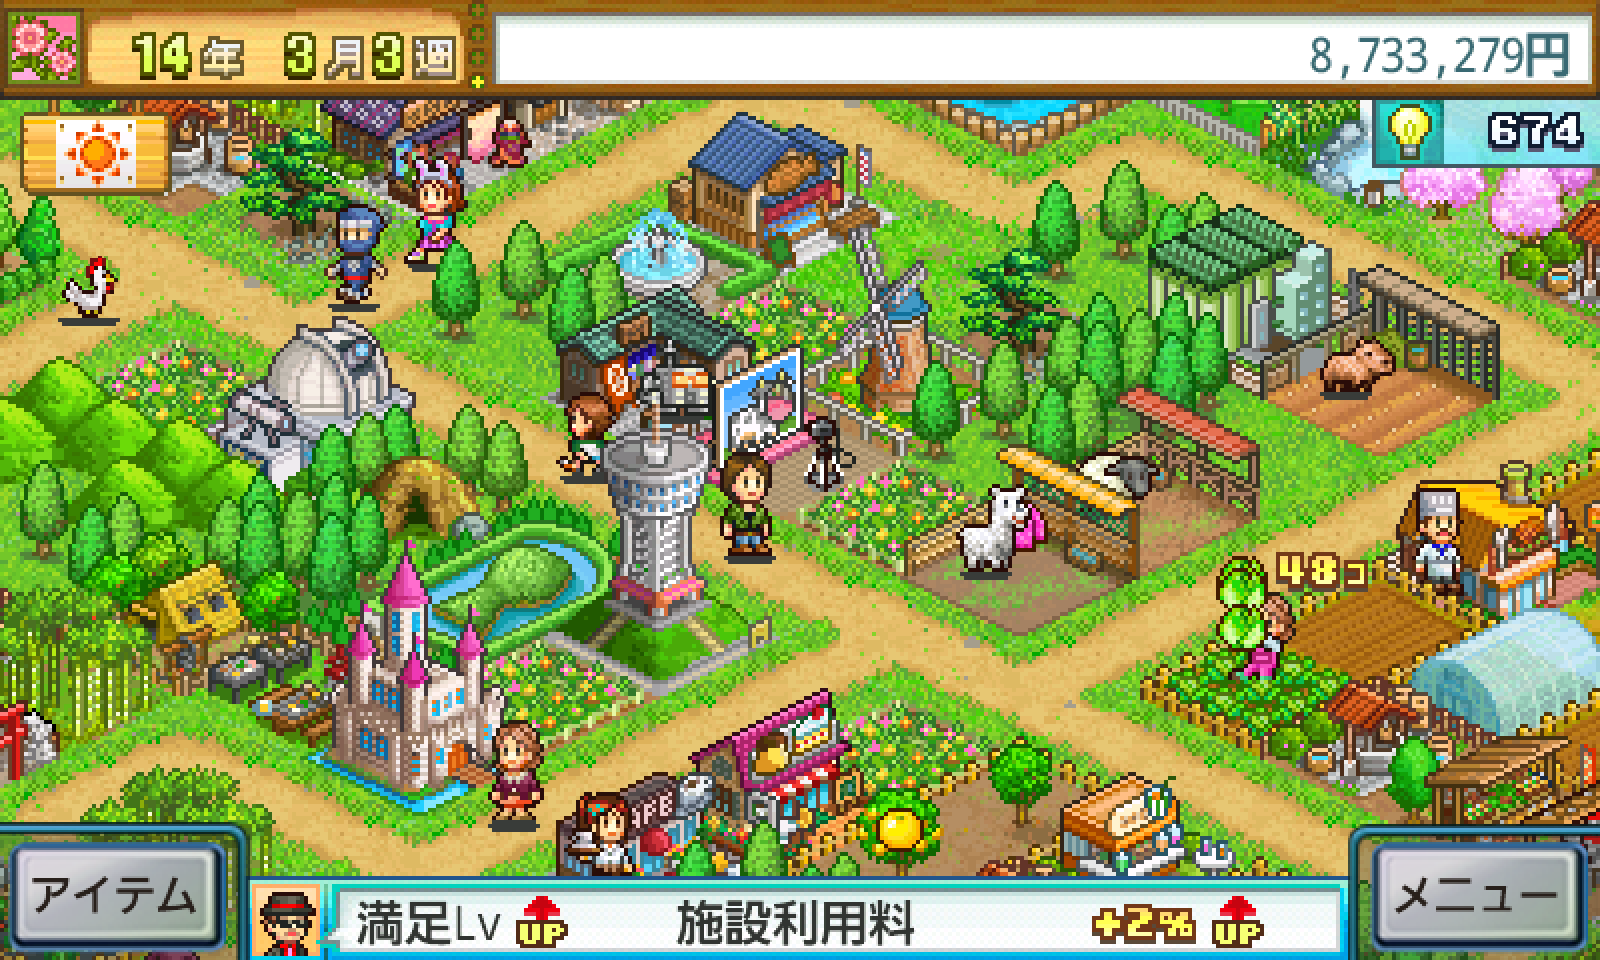 大空ヘクタール農園 screenshot #14